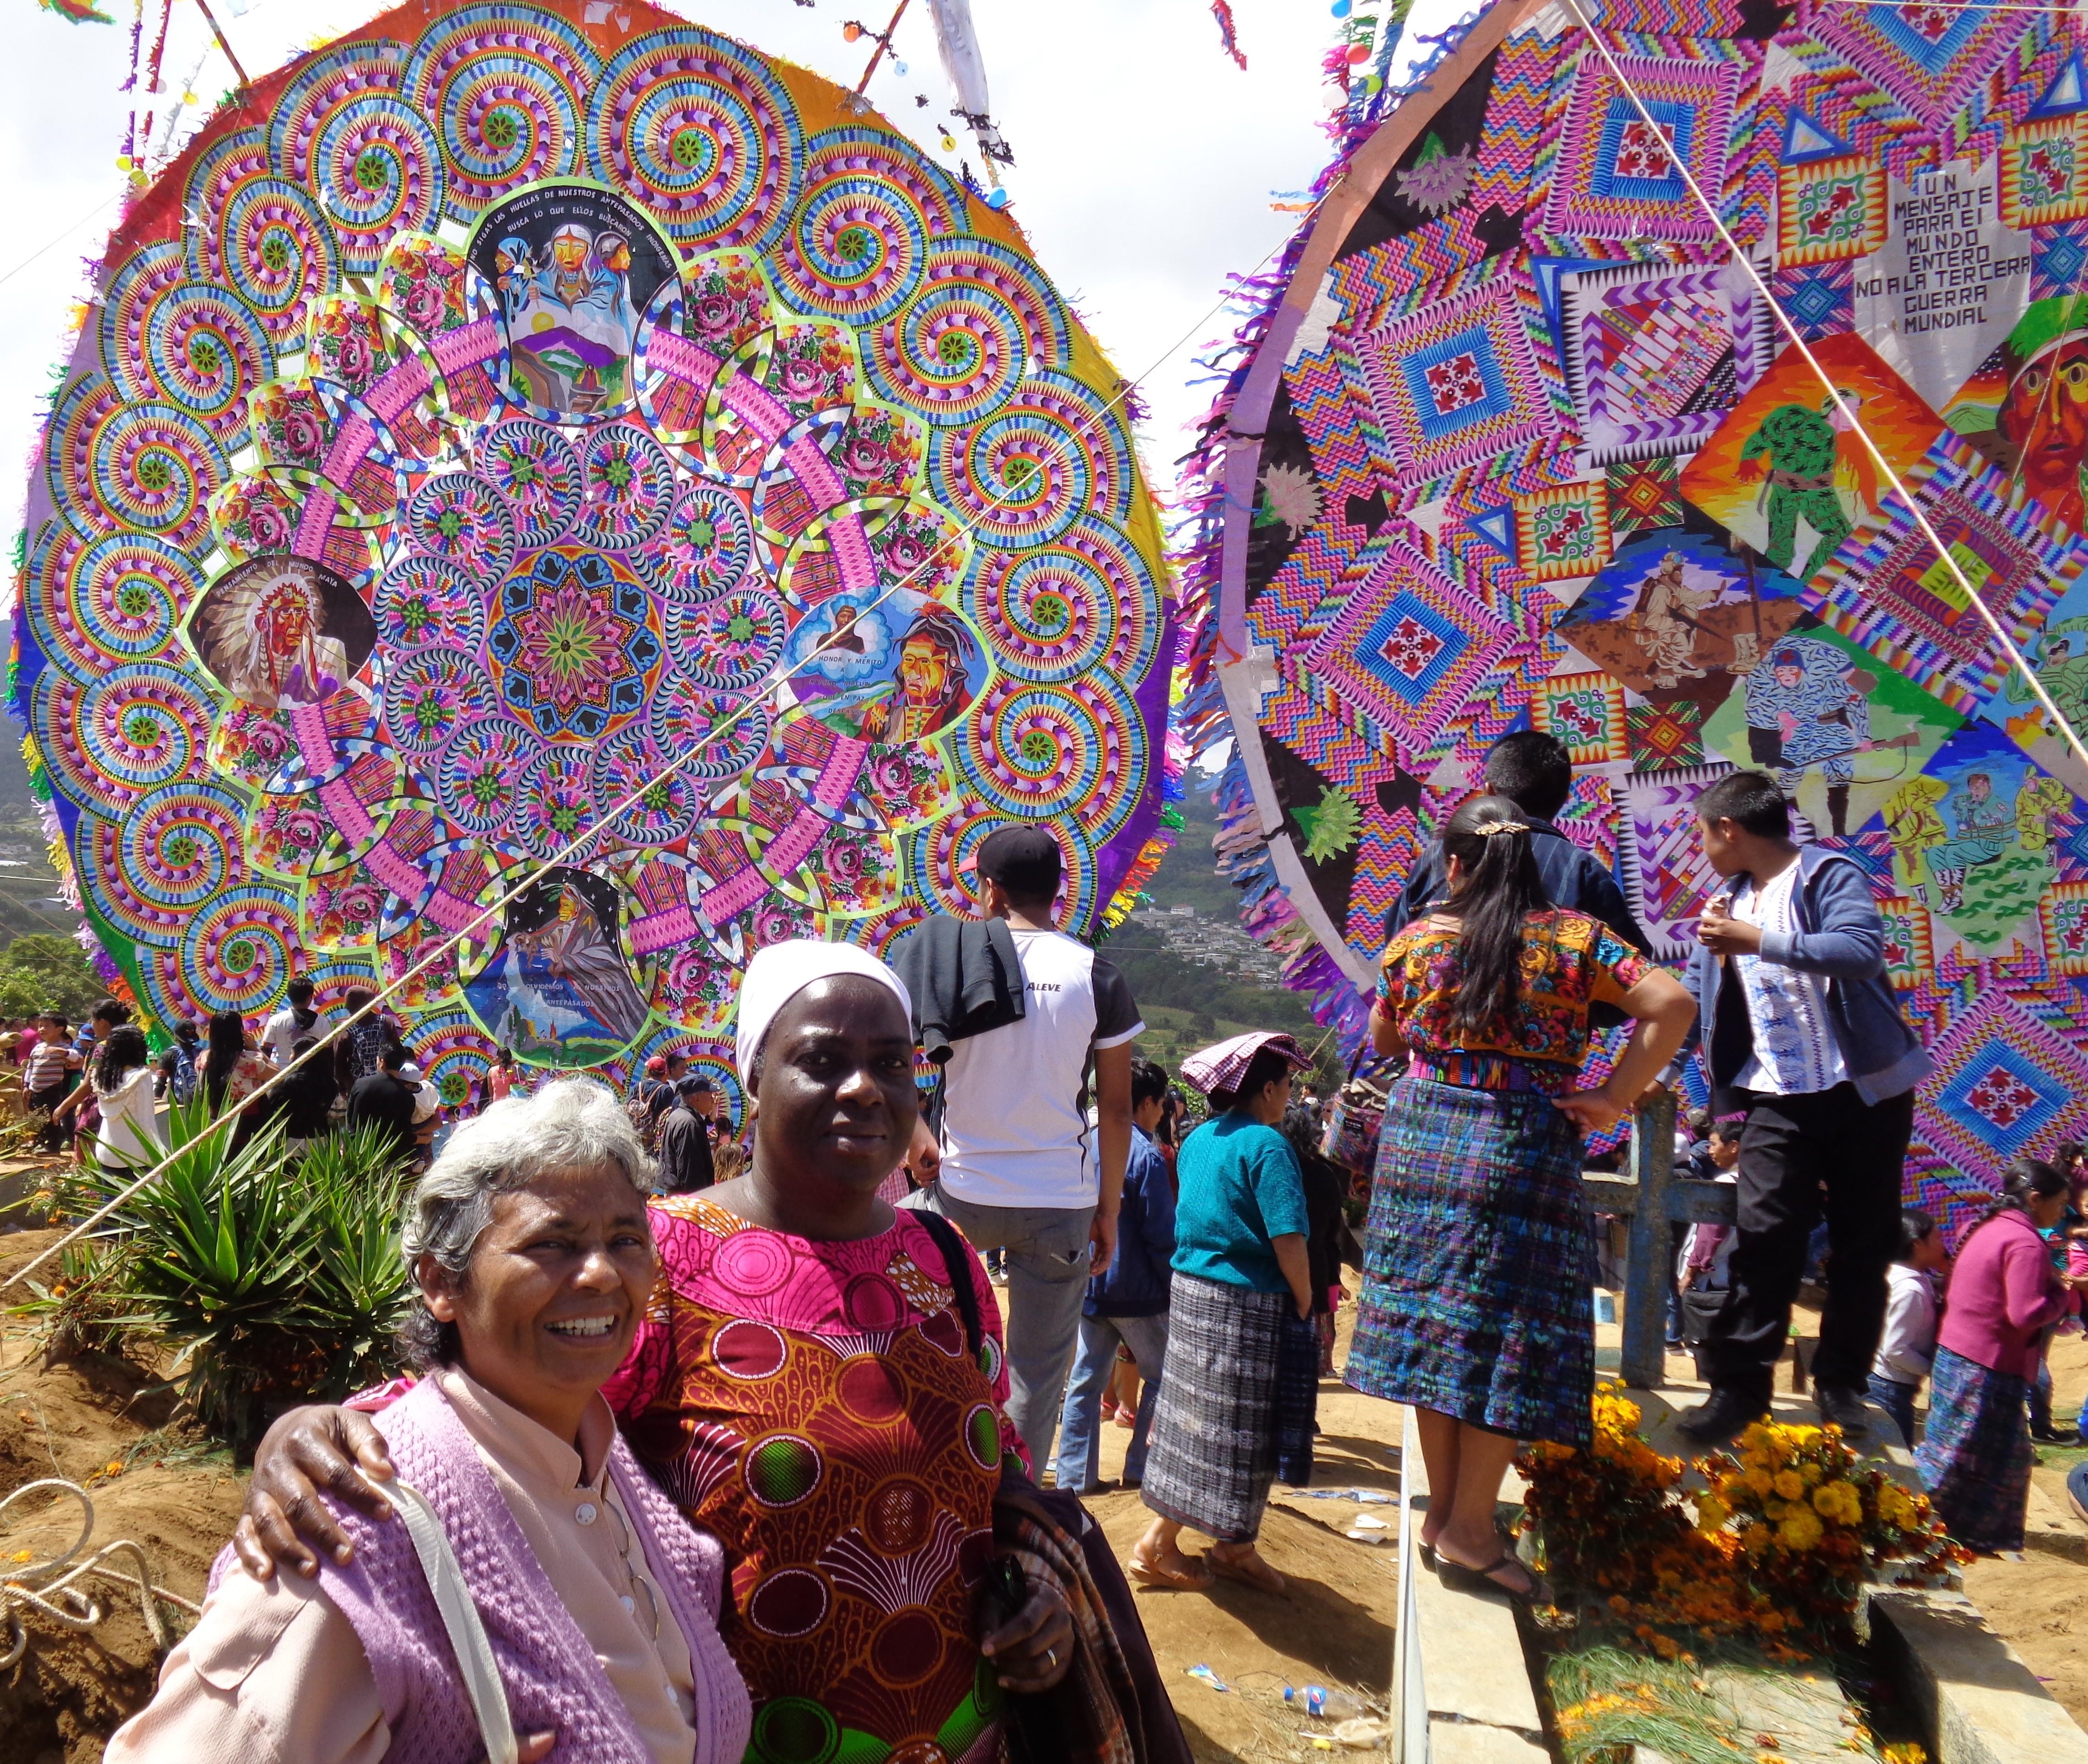 Au Guatemala, une tradition pleine de couleurs.